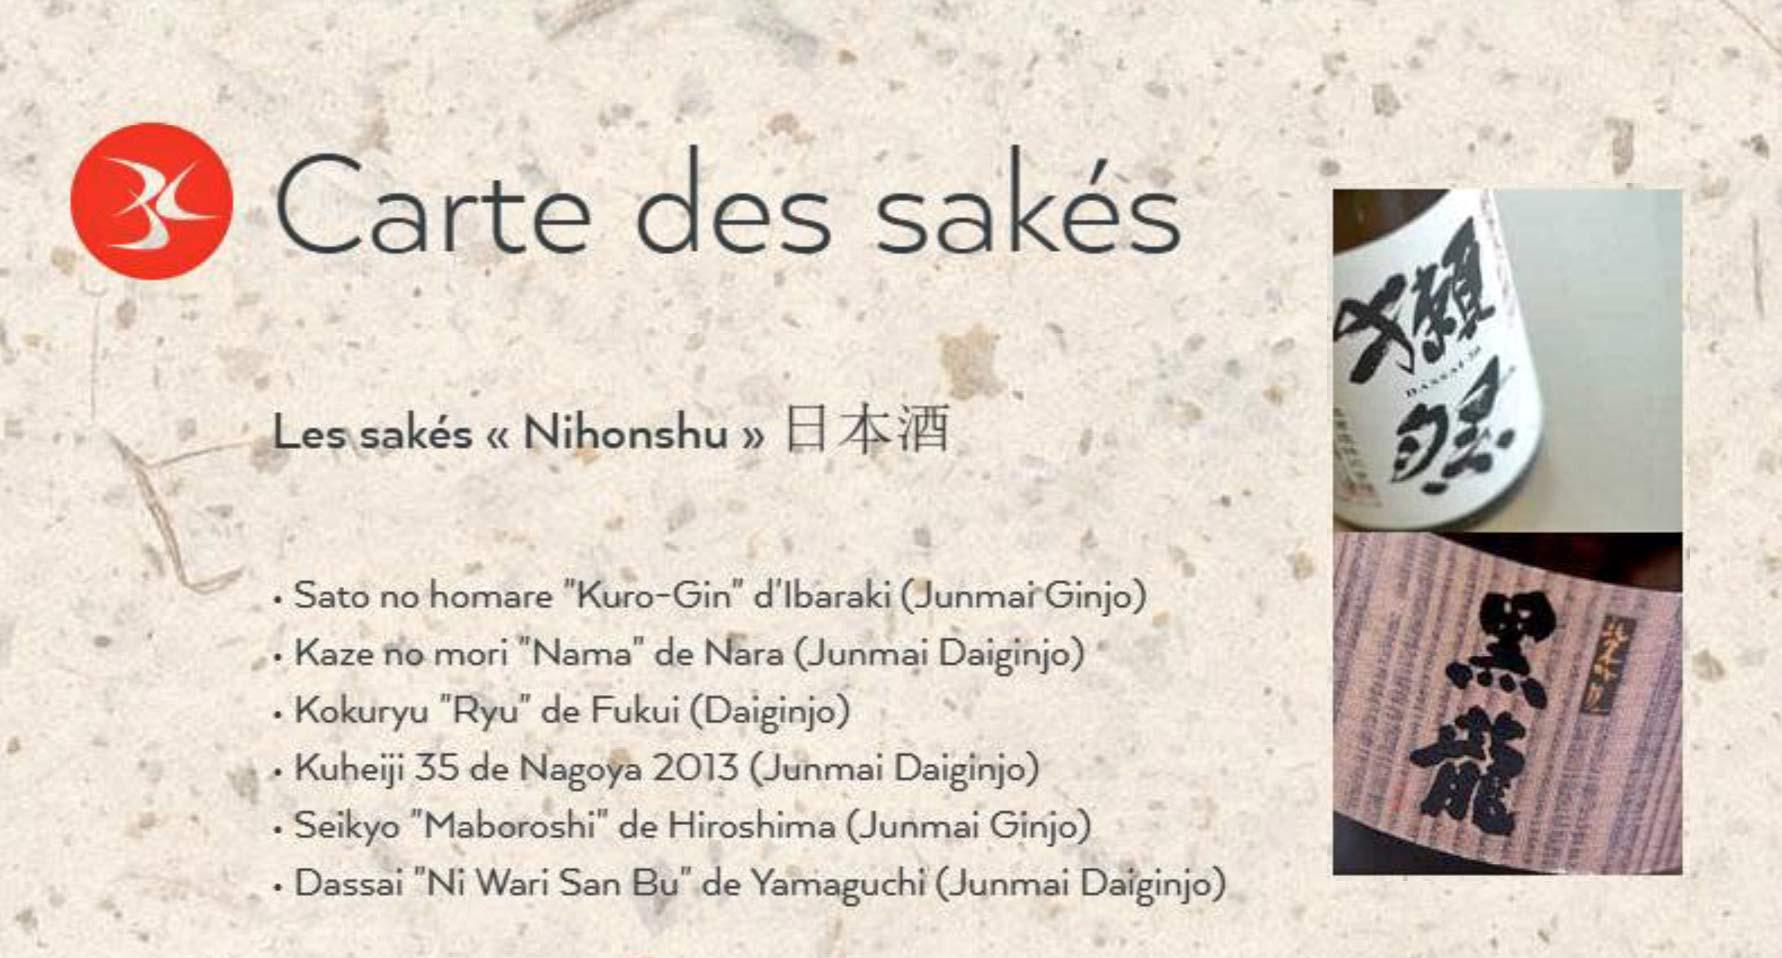 La carte des sakés